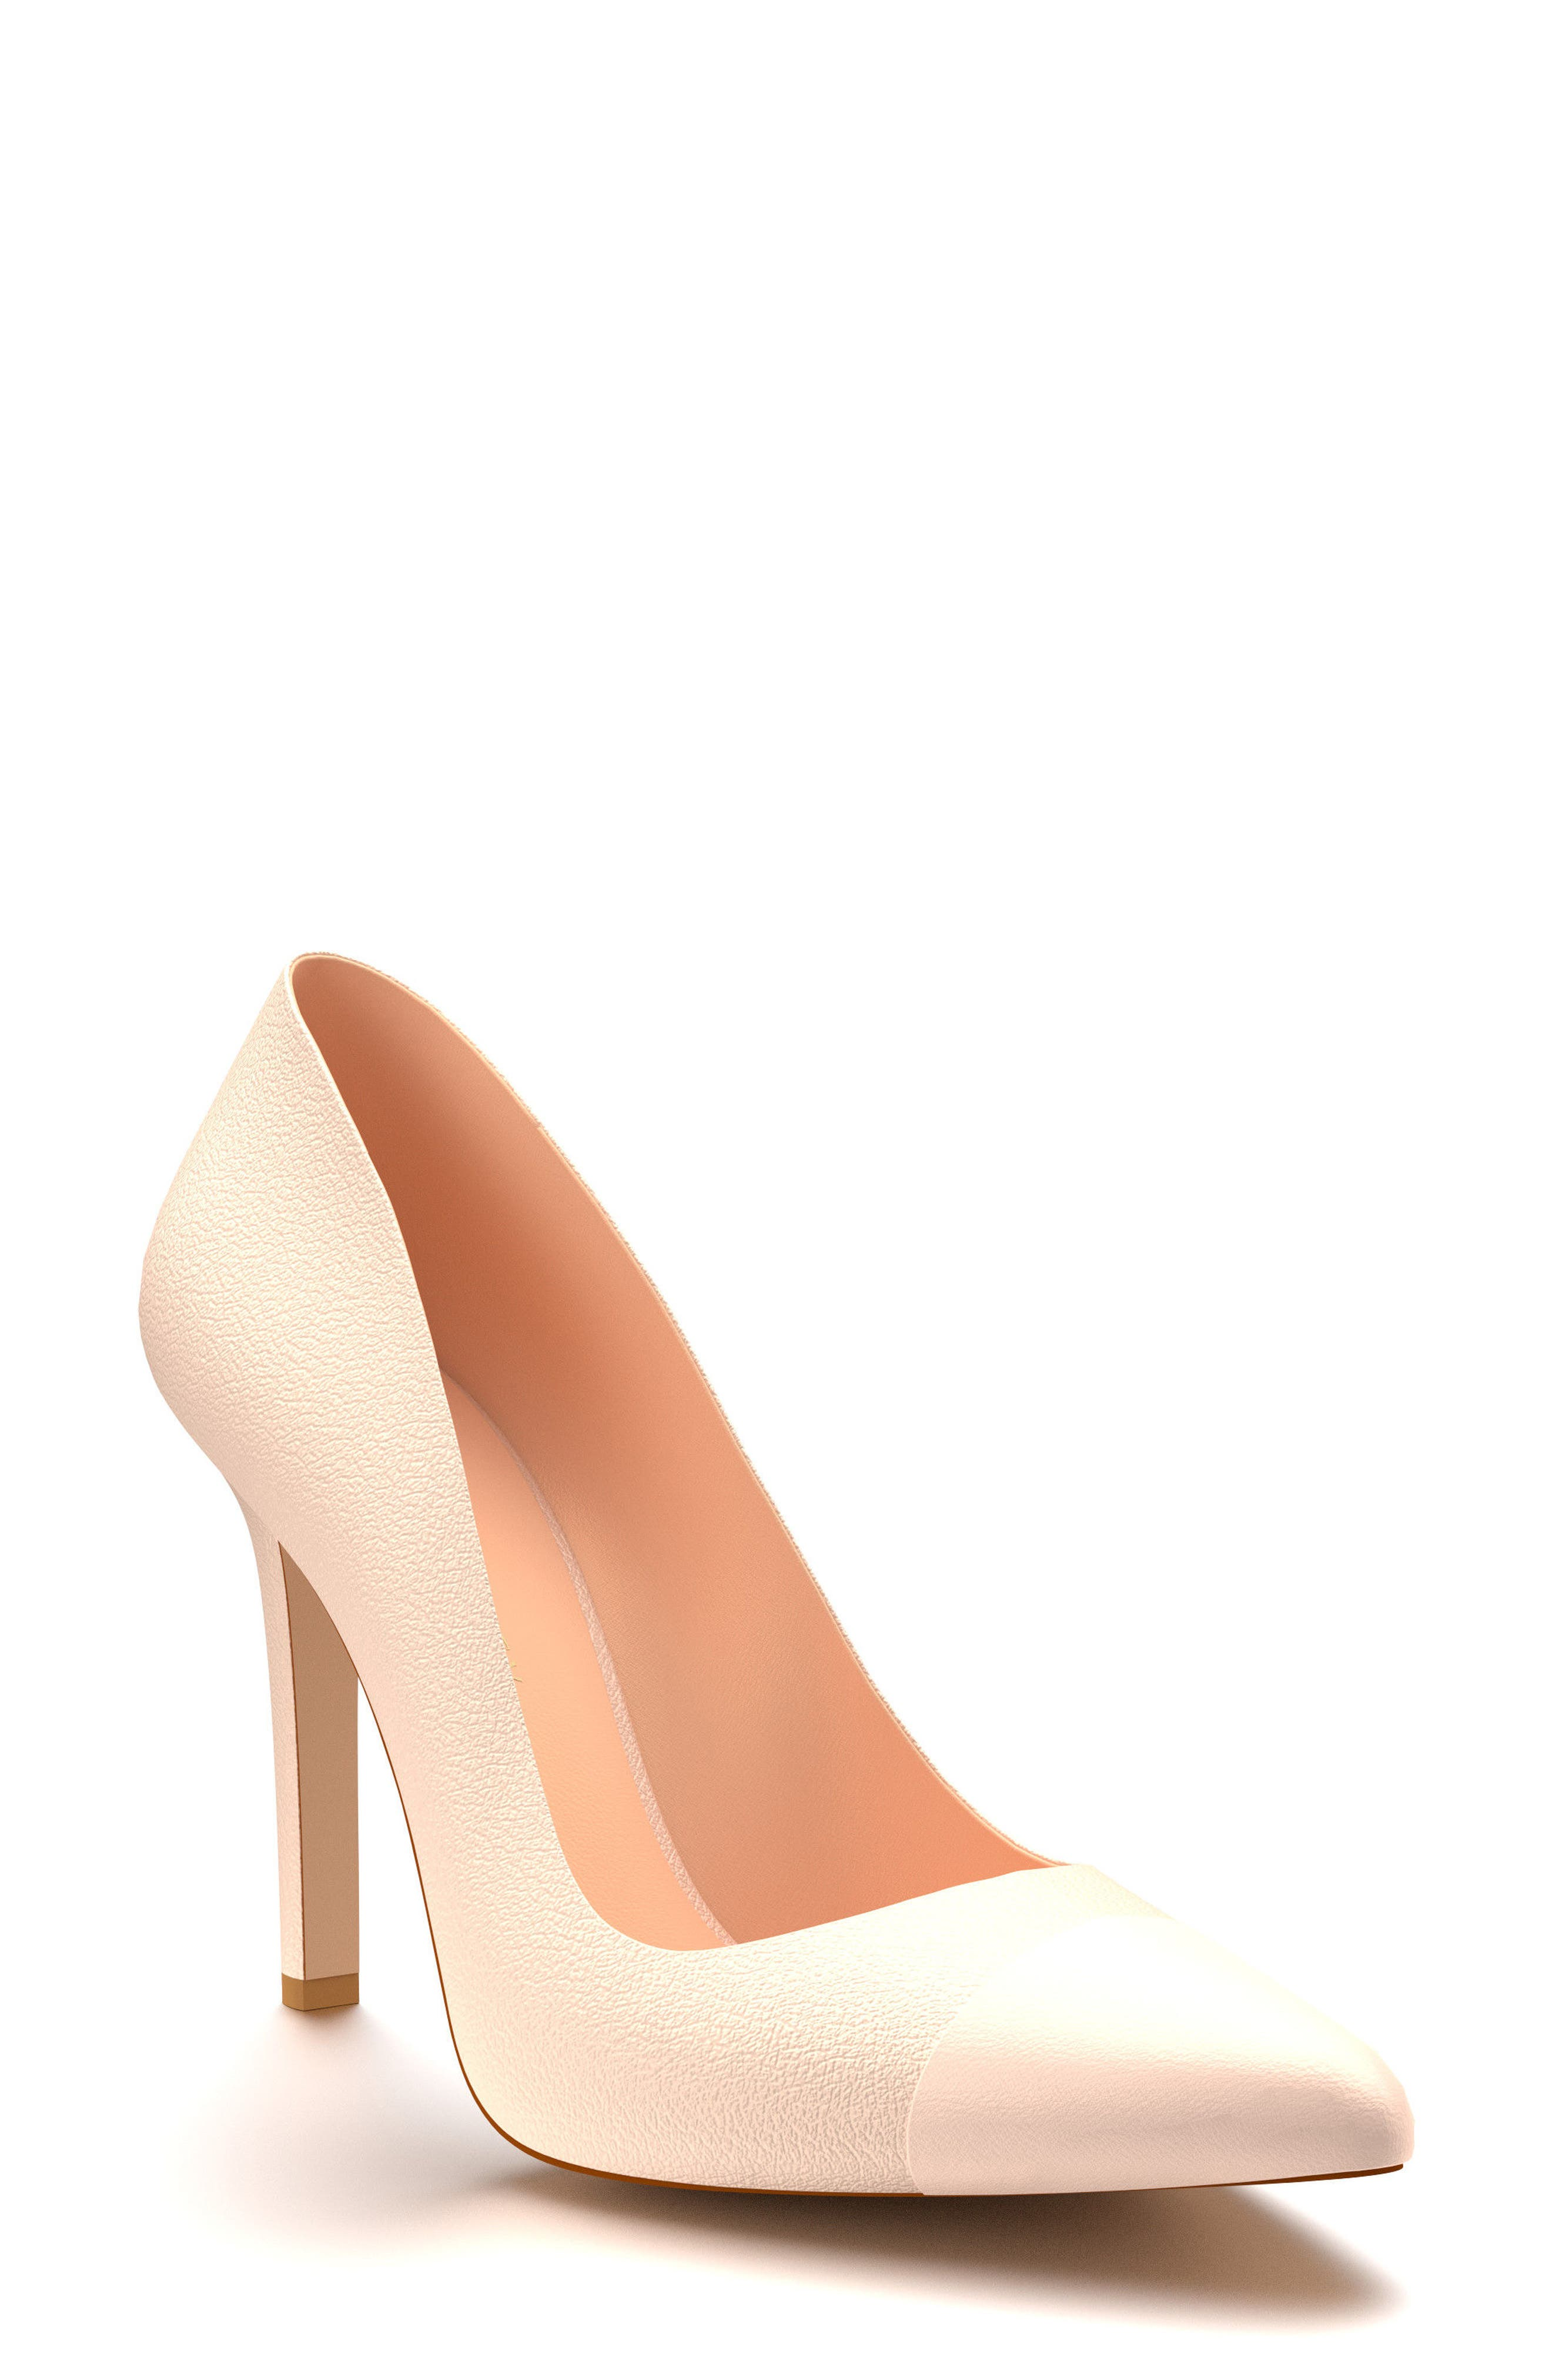 Shoes of Prey Cap Toe Pump (Women)